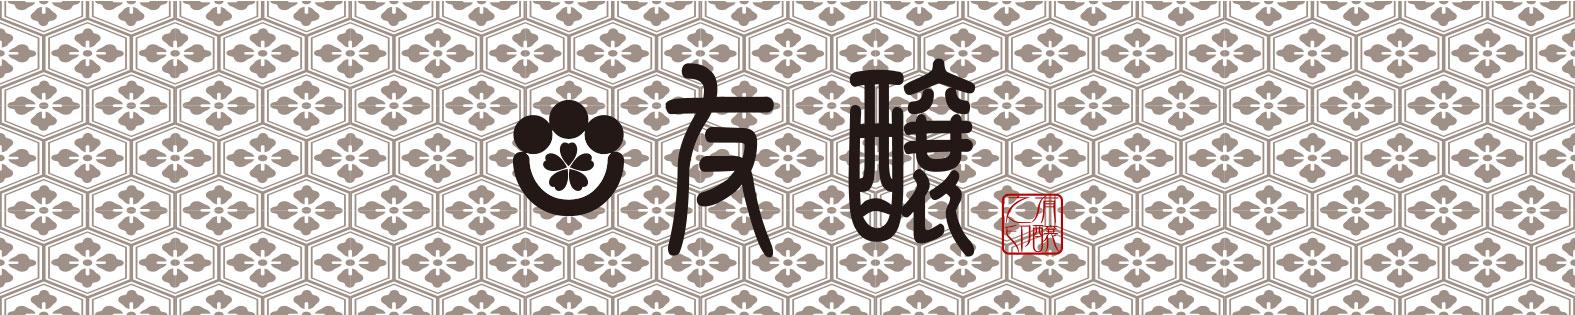 【日本酒】 金滴吟風 大吟醸生酒 限定 新酒25BY_e0173738_10544616.jpg